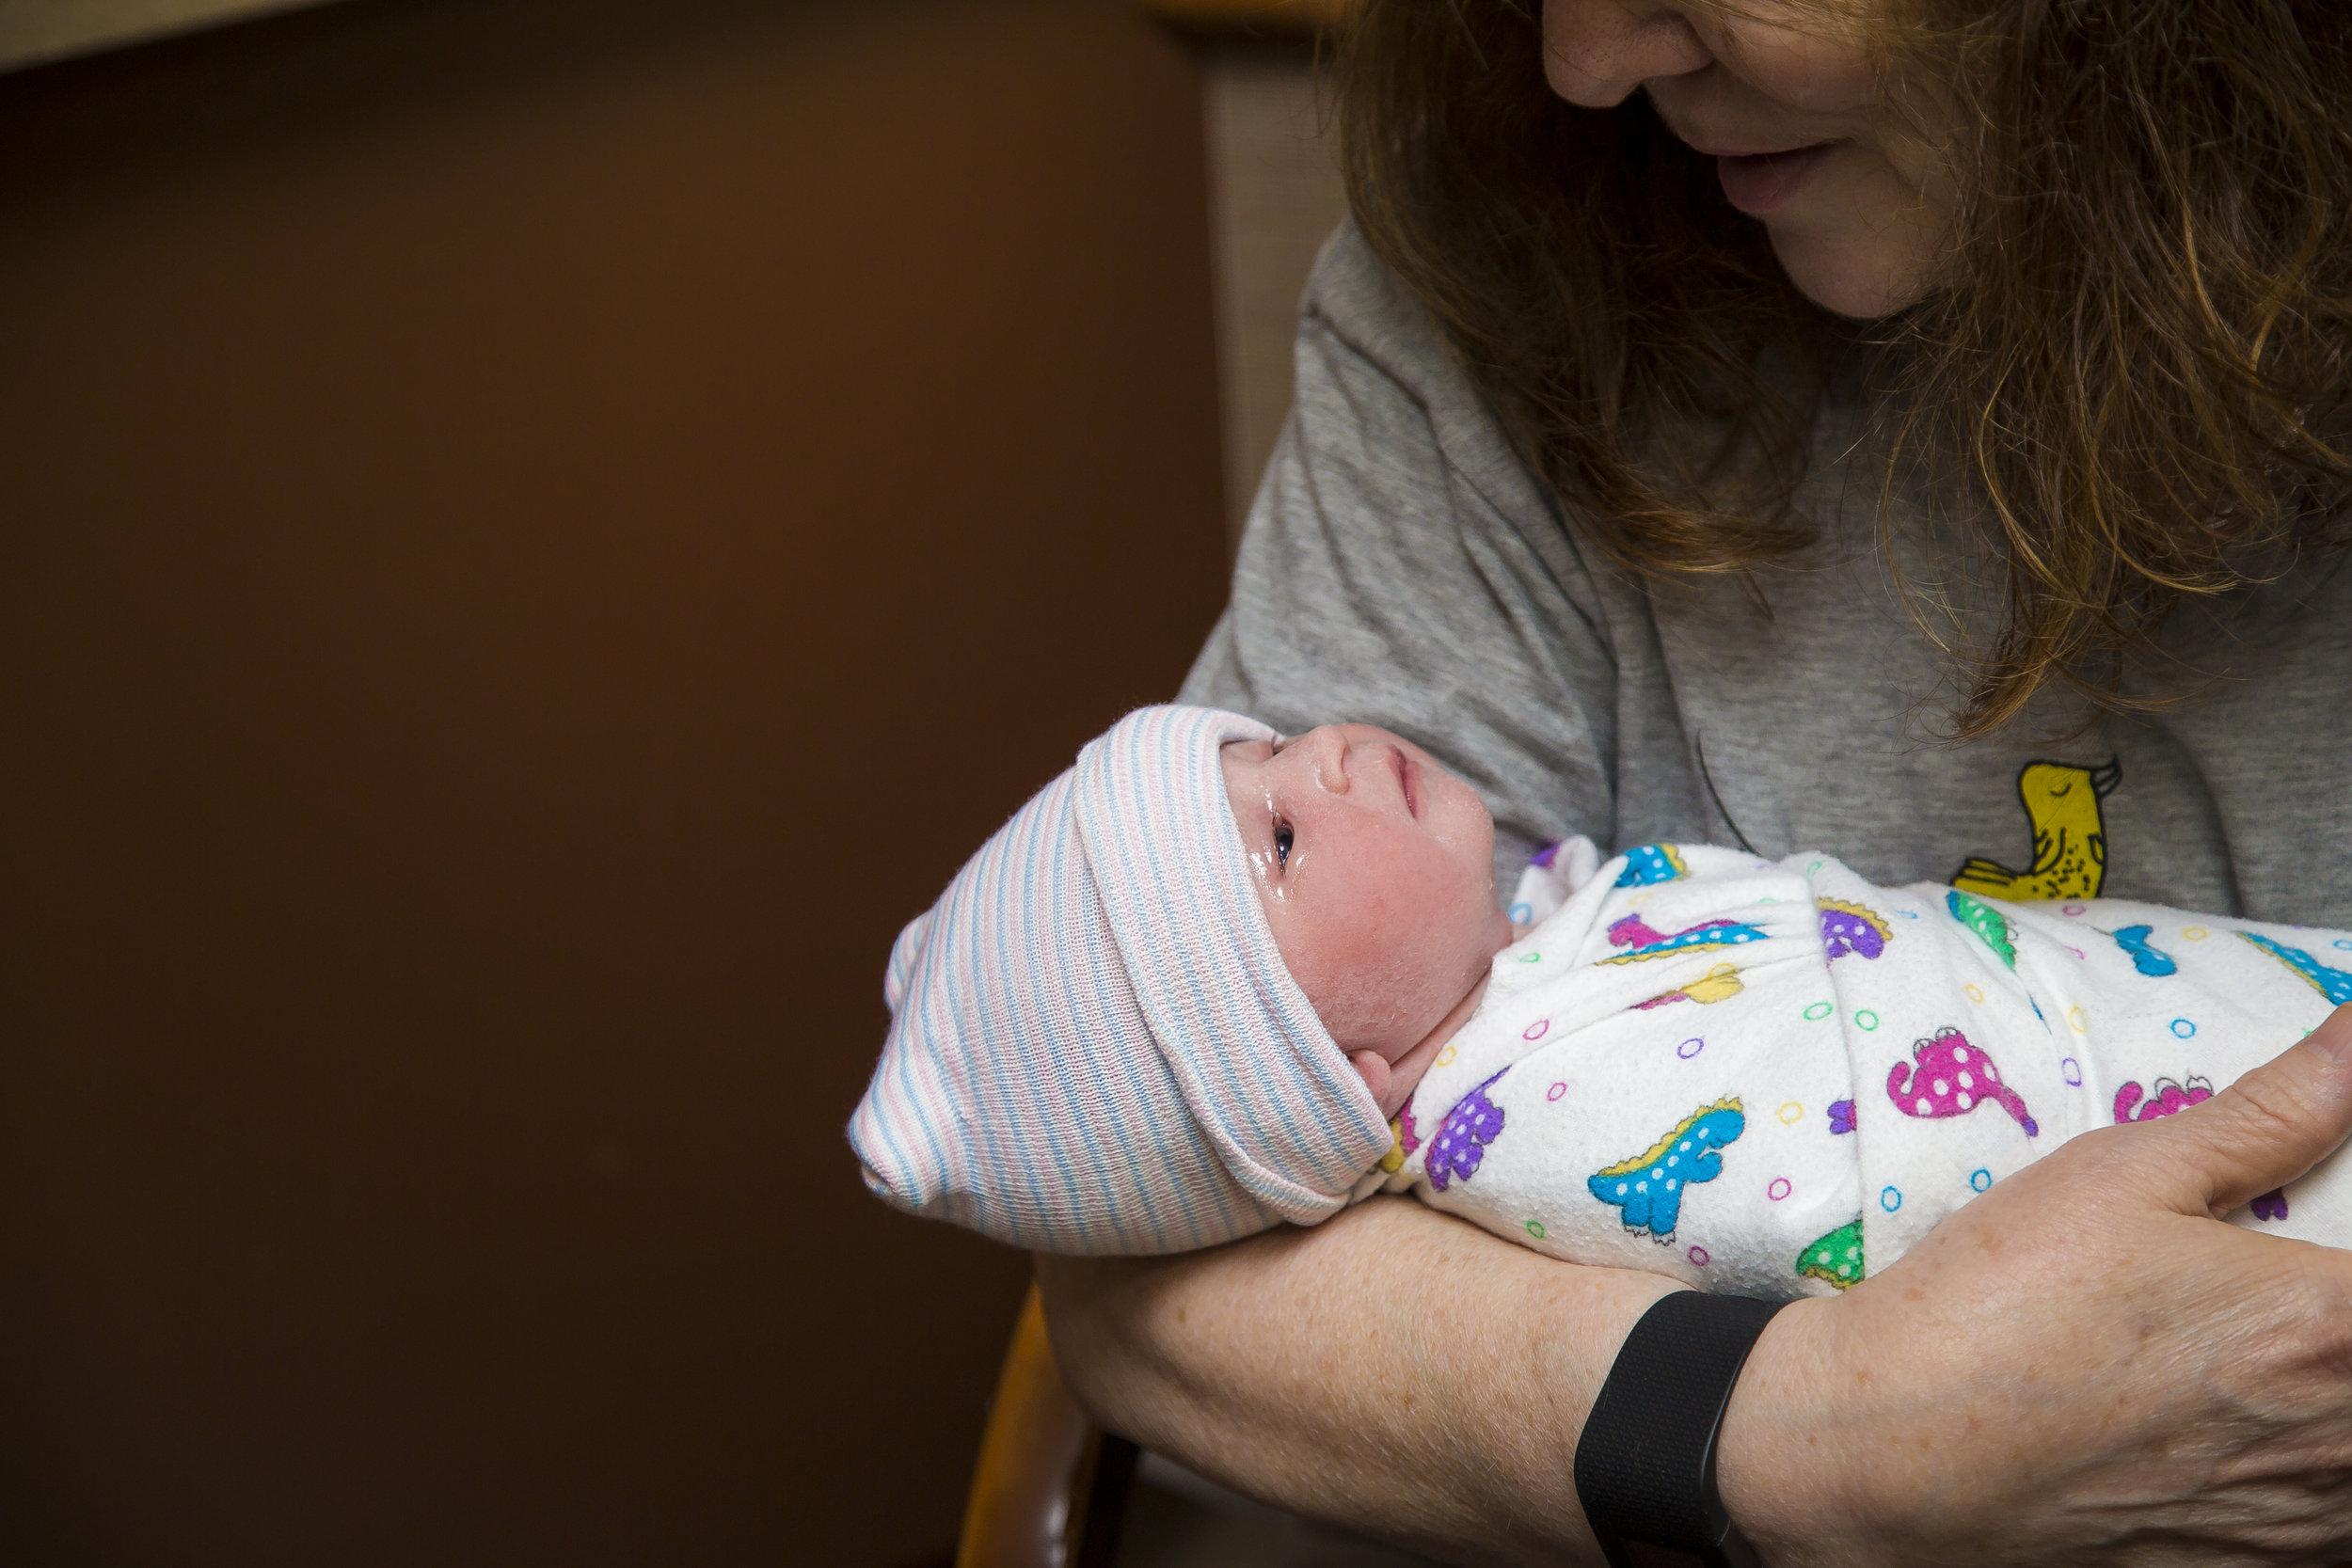 newborn baby with grandma.JPG